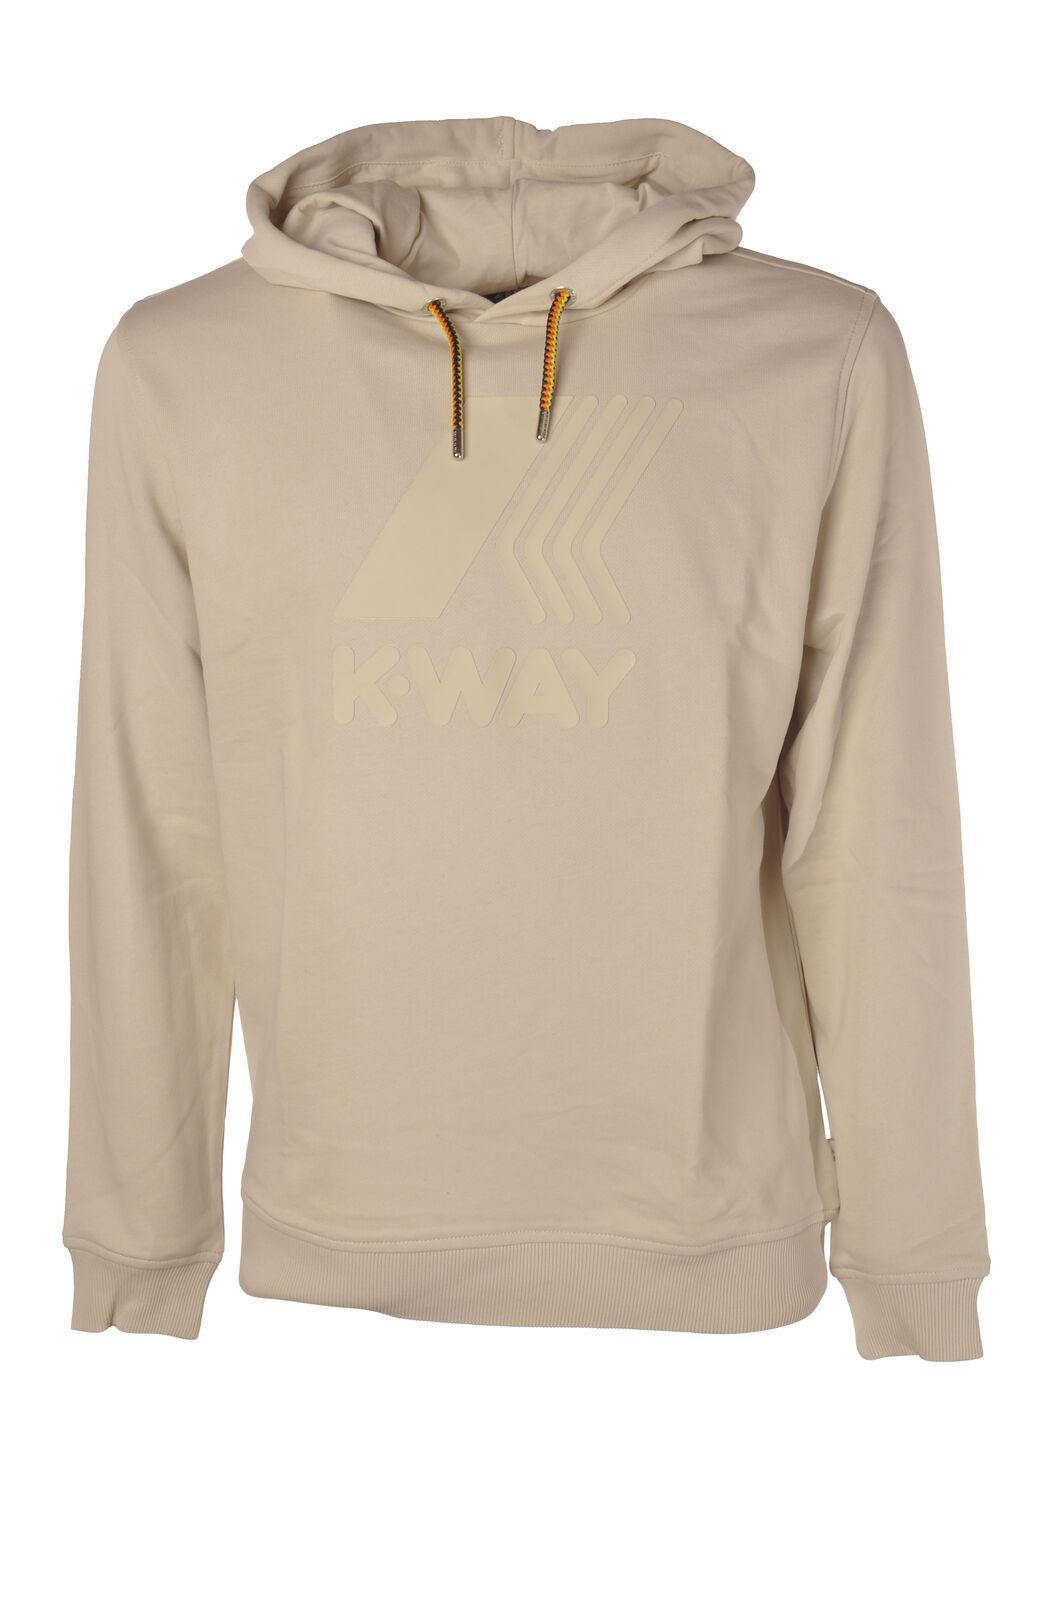 K-Way - Topwear-schweißhemds - Man - Beige - 5988324F191245